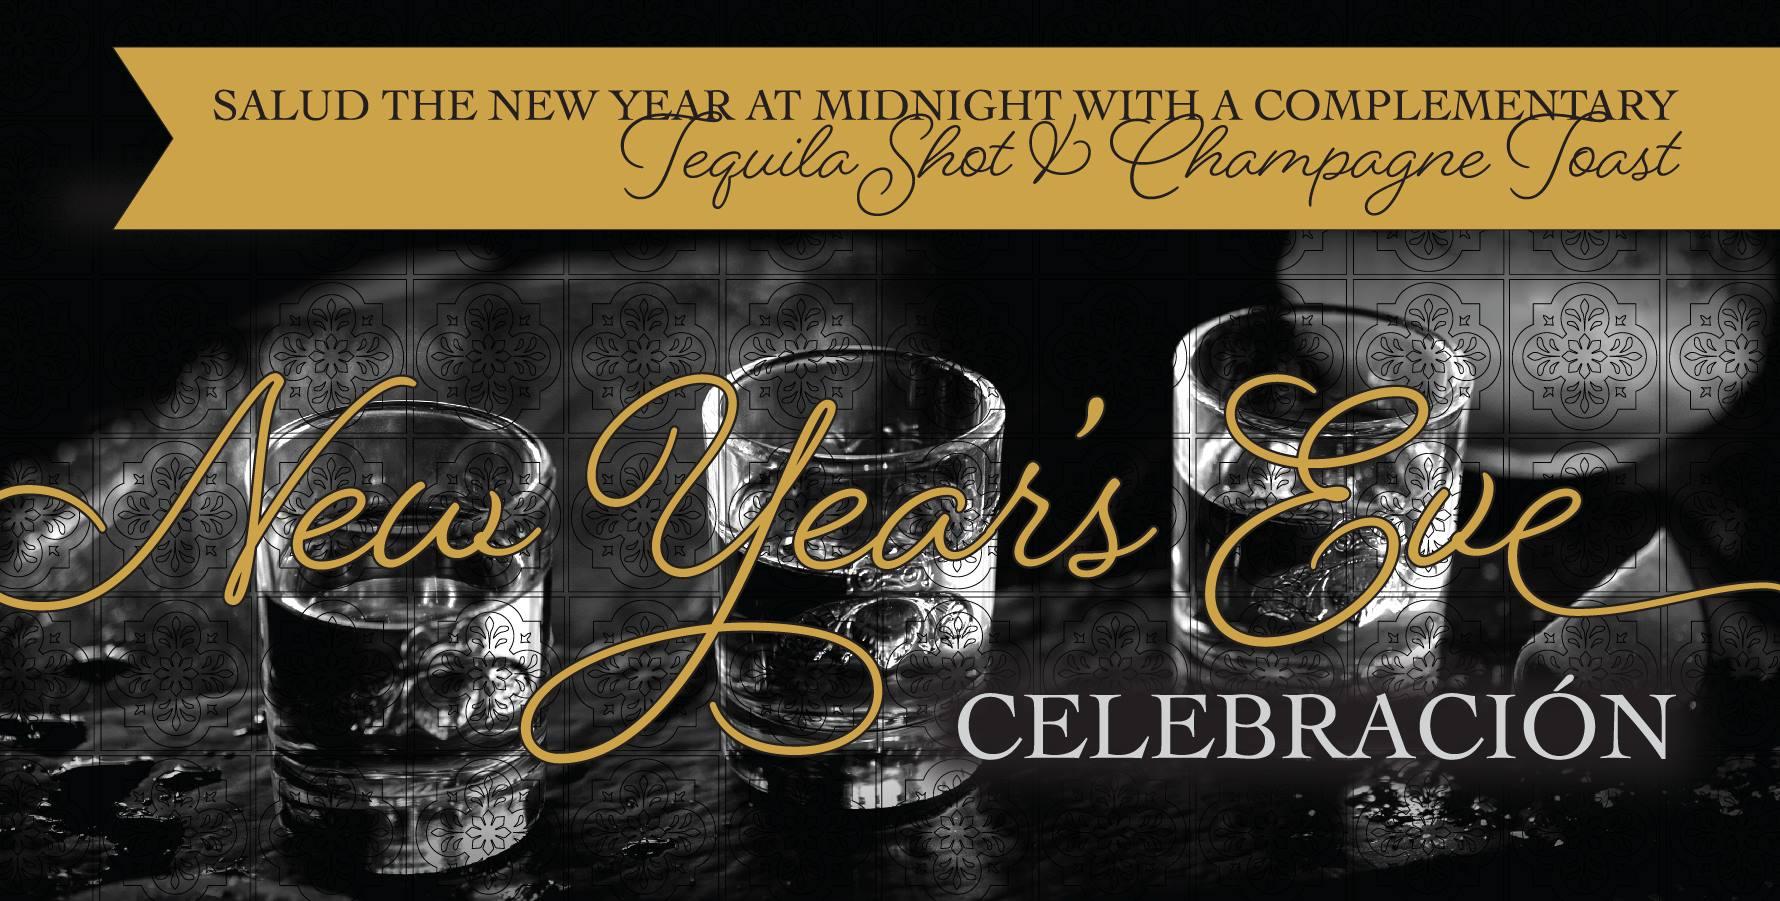 2020 New Year's Eve Celebración at Mariachi Bar